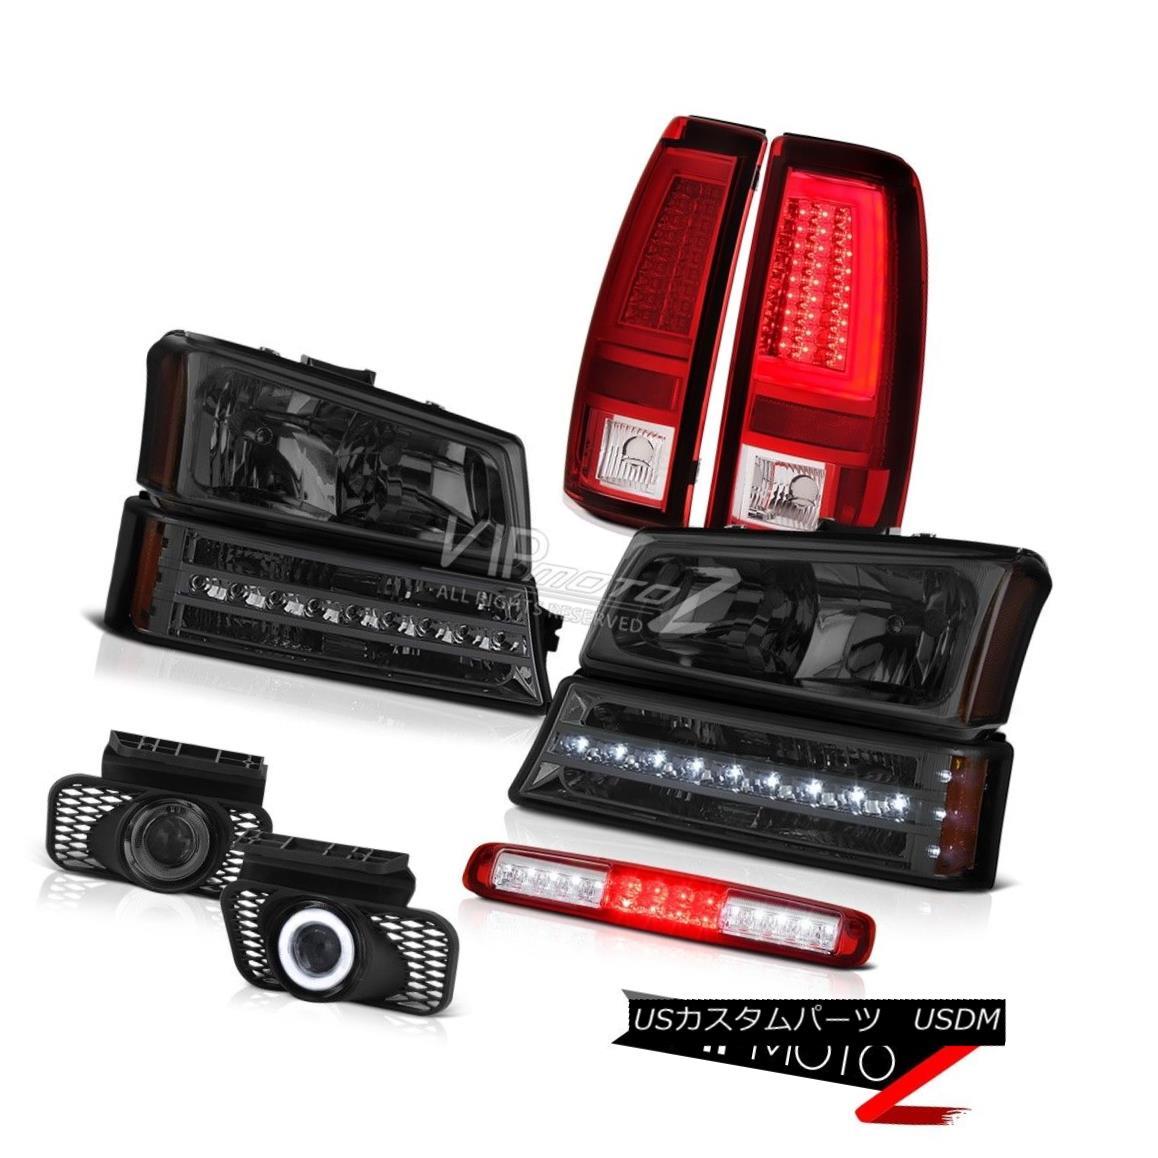 ヘッドライト 03-06 Silverado Taillamps Roof Cab Light Headlights Fog Lamps Signal Projector 03-06 Silverado Taillampsルーフキャブライトヘッドライトフォグランプシグナルプロジェクター